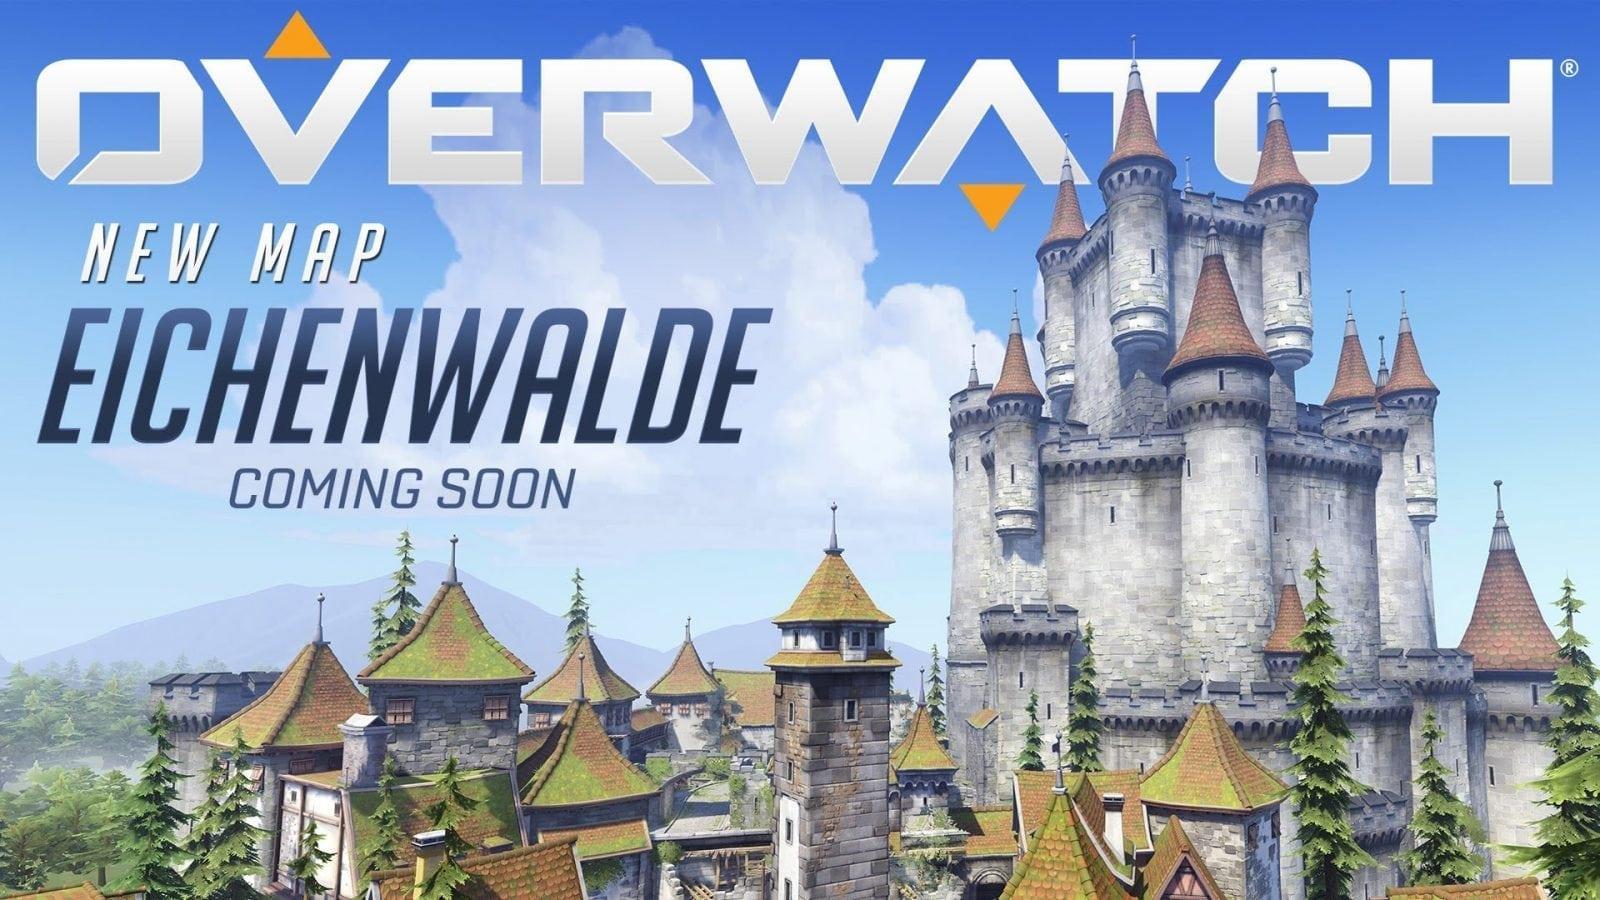 Vem aí um novo mapa em Overwatch, confira a prévia do mapa Eichenwalde